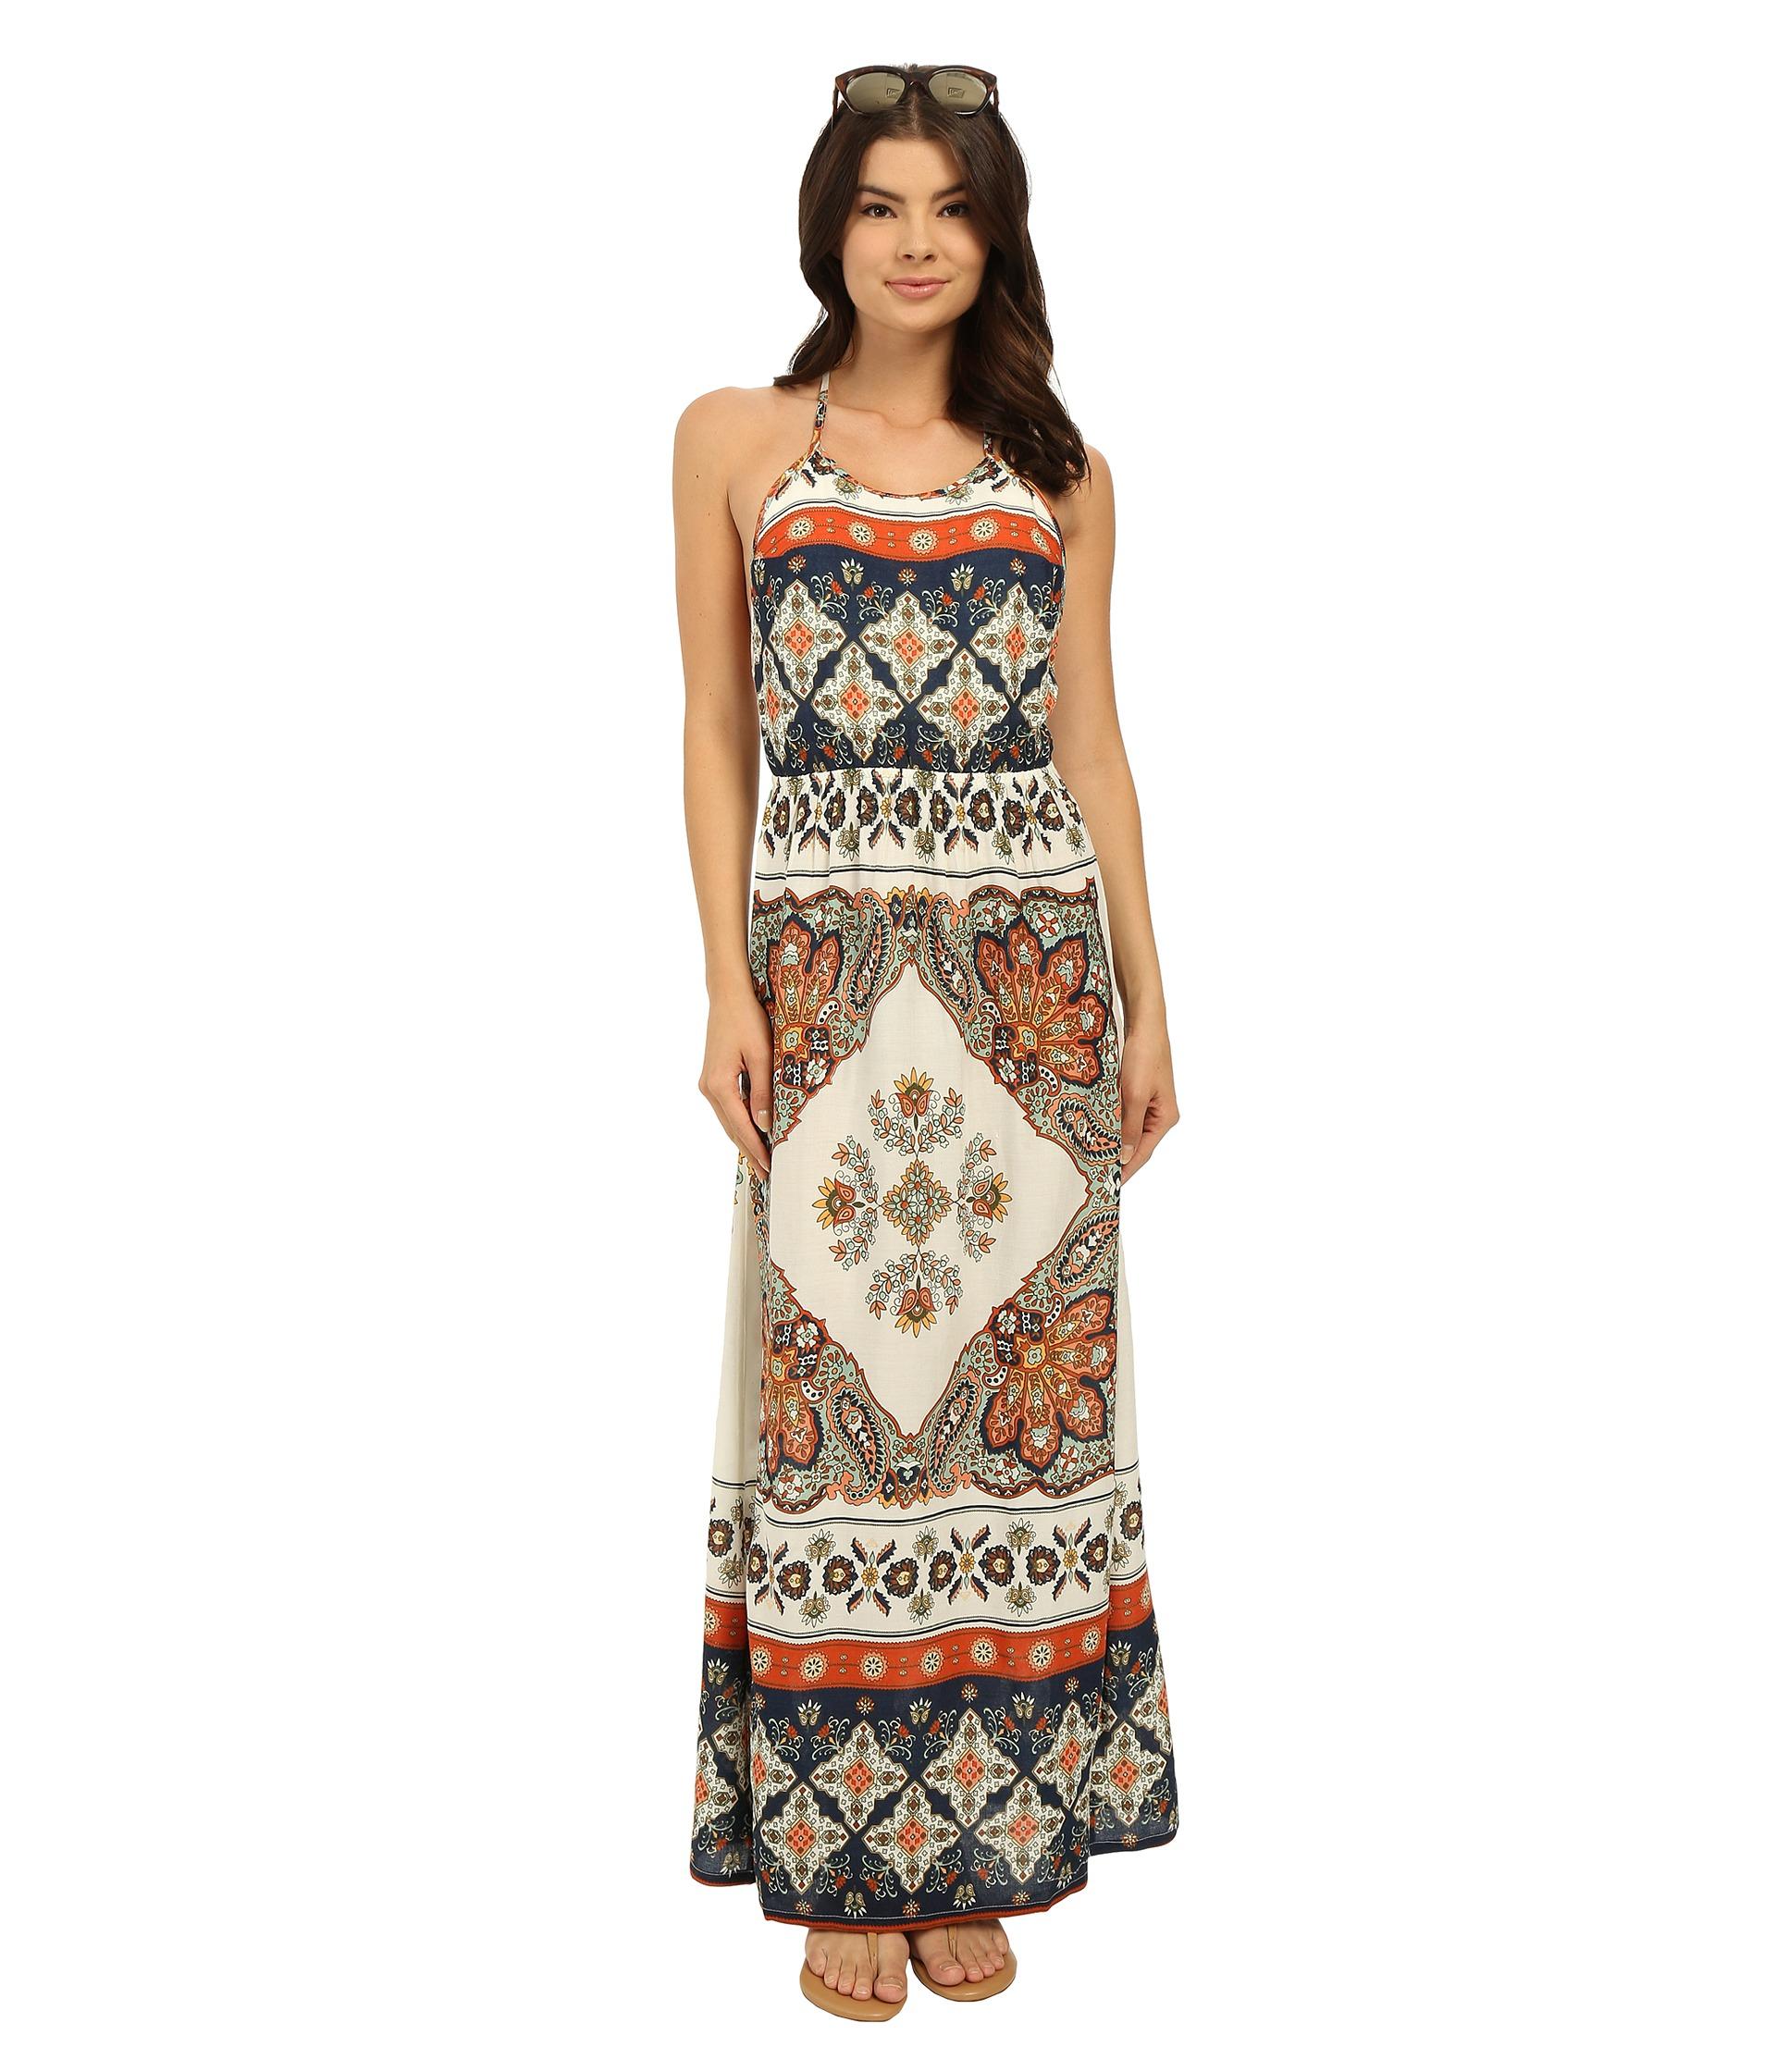 Roxy Summer Fleet Dress in Natural - Lyst